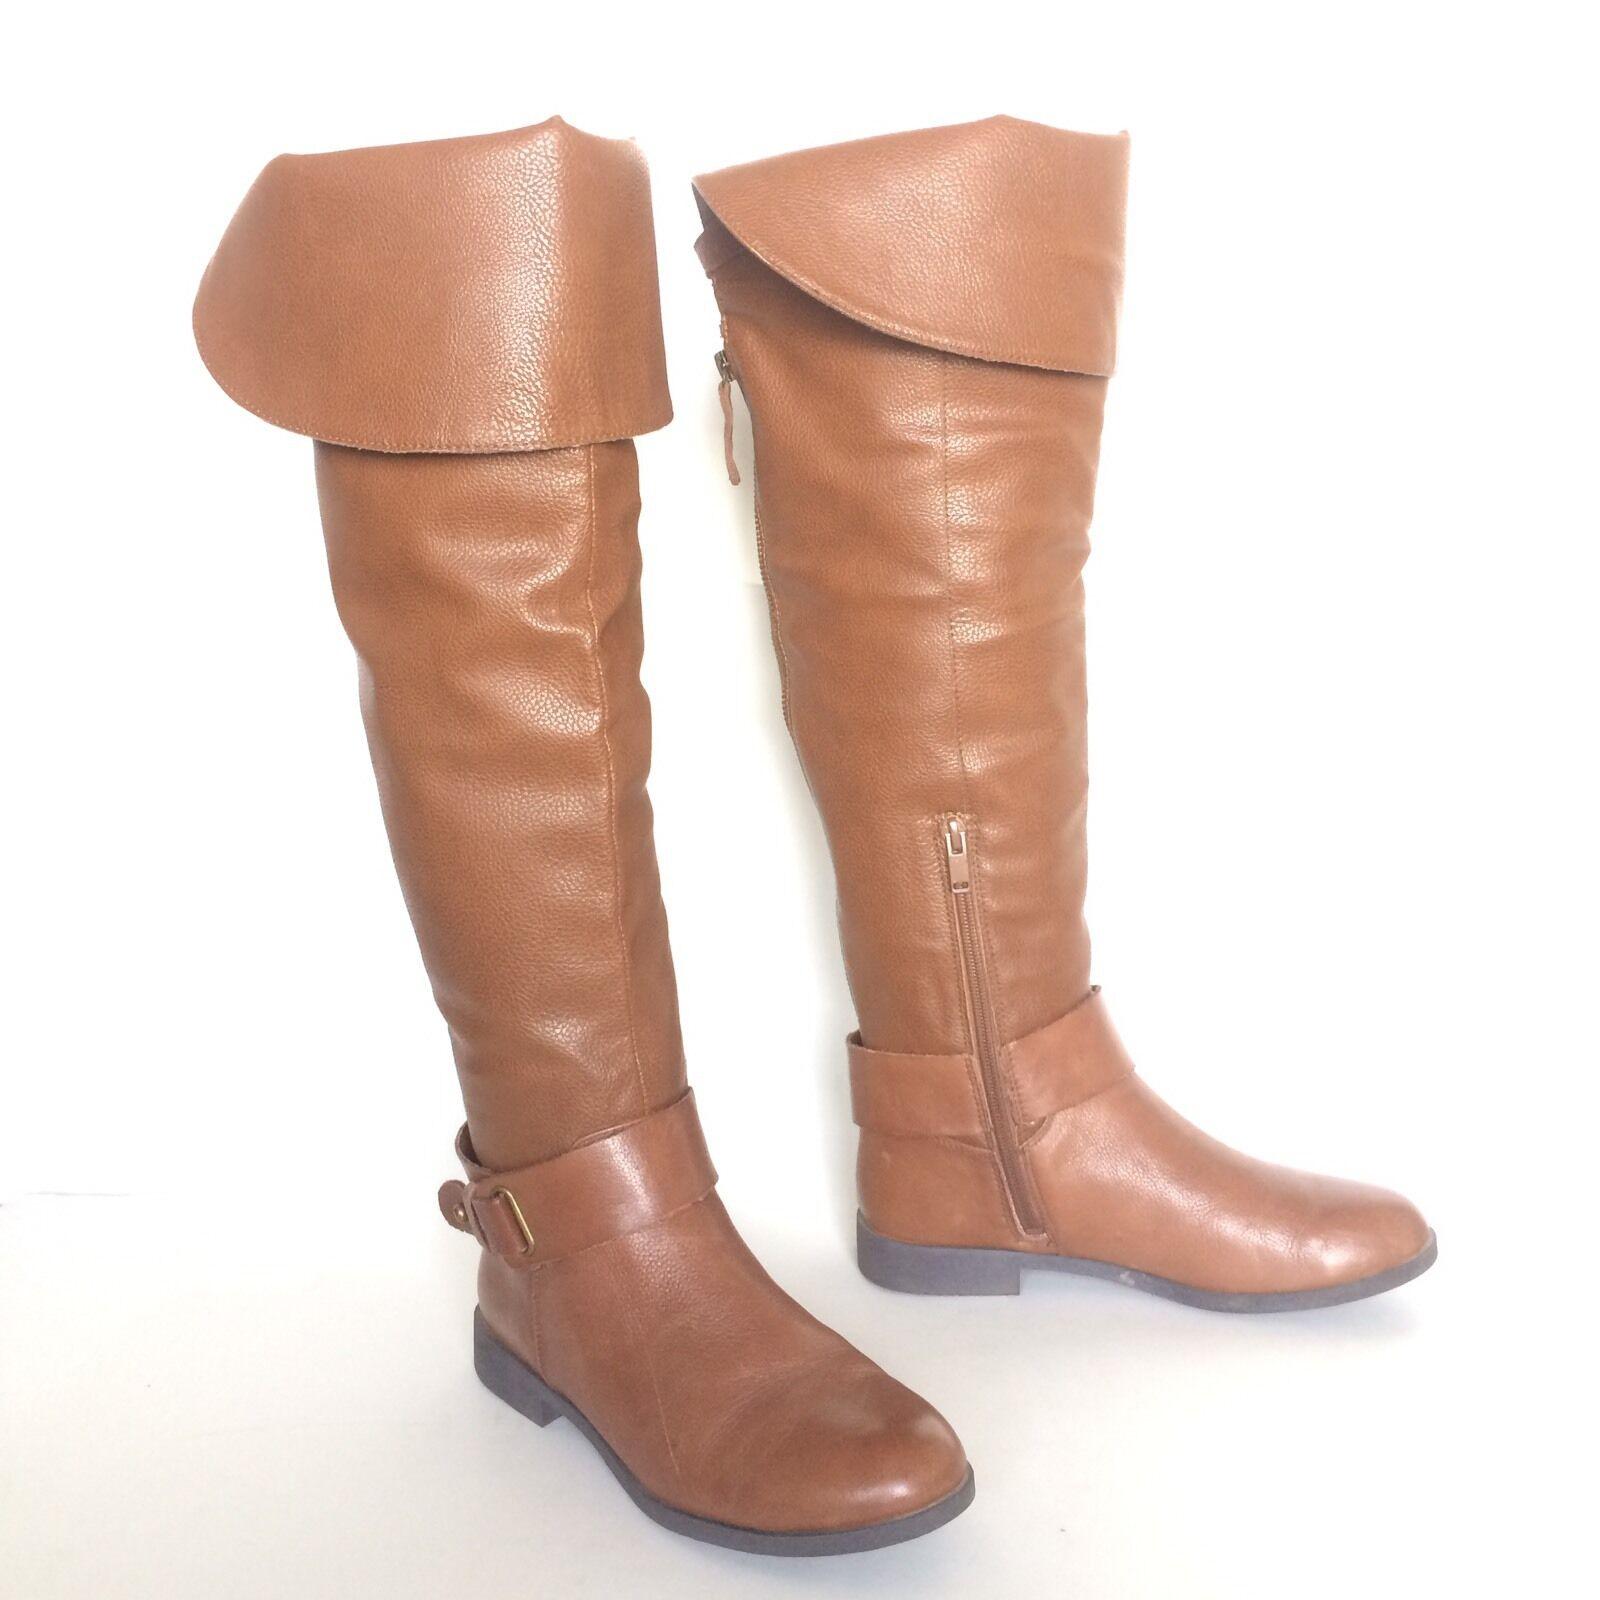 ALDO Damenschuhe Braun Knee High Stiefel Größe 6.5 EUR 37 UK 4 Valkyrie 130